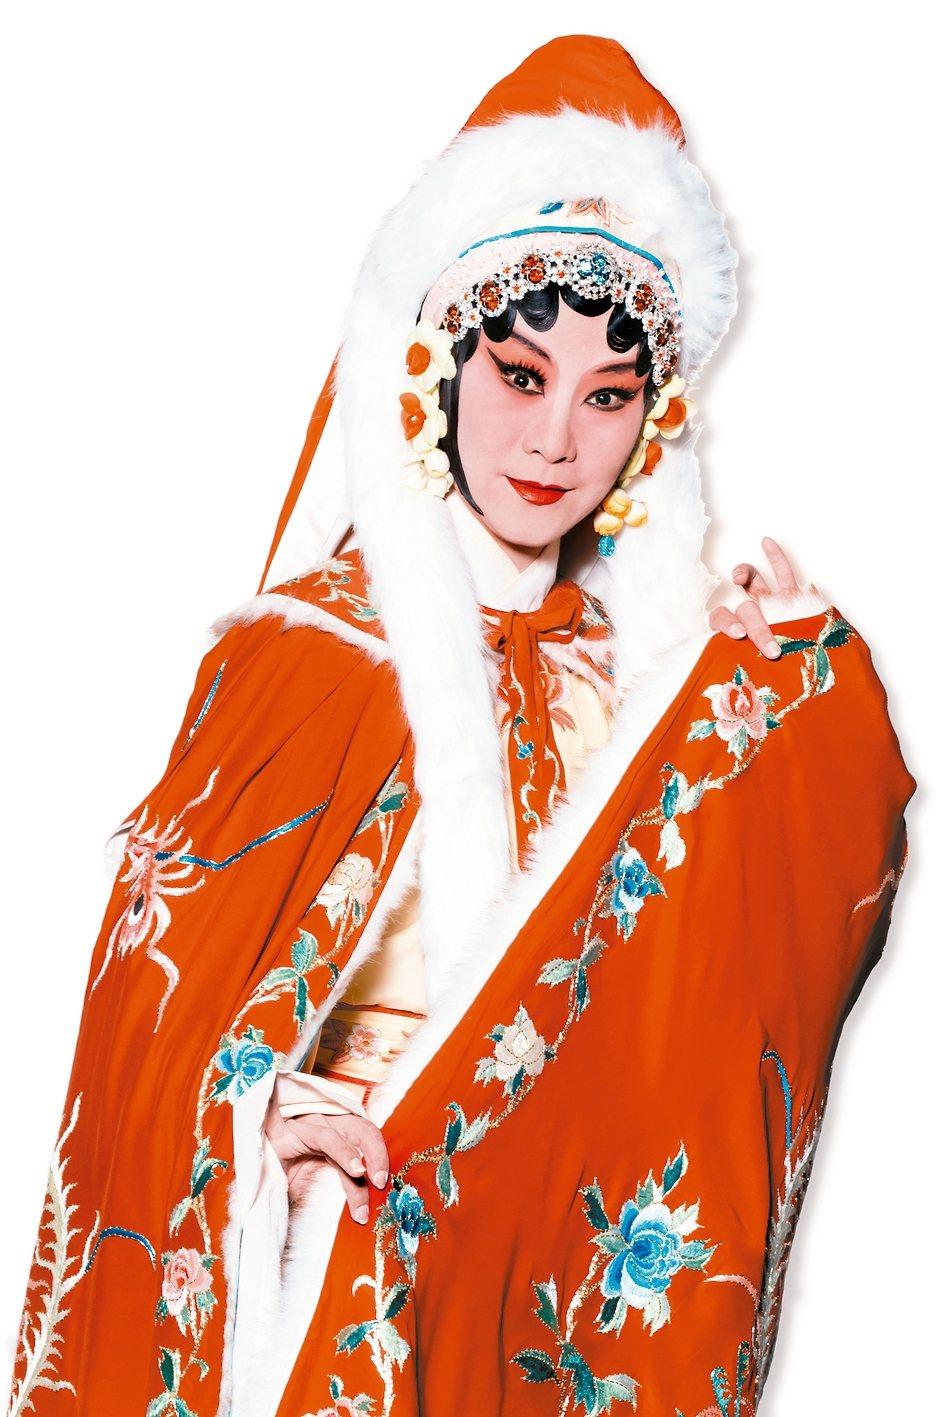 朱民玲在《蔡文姬》中飾演主角蔡文姬。 圖/國立台灣戲曲學院提供